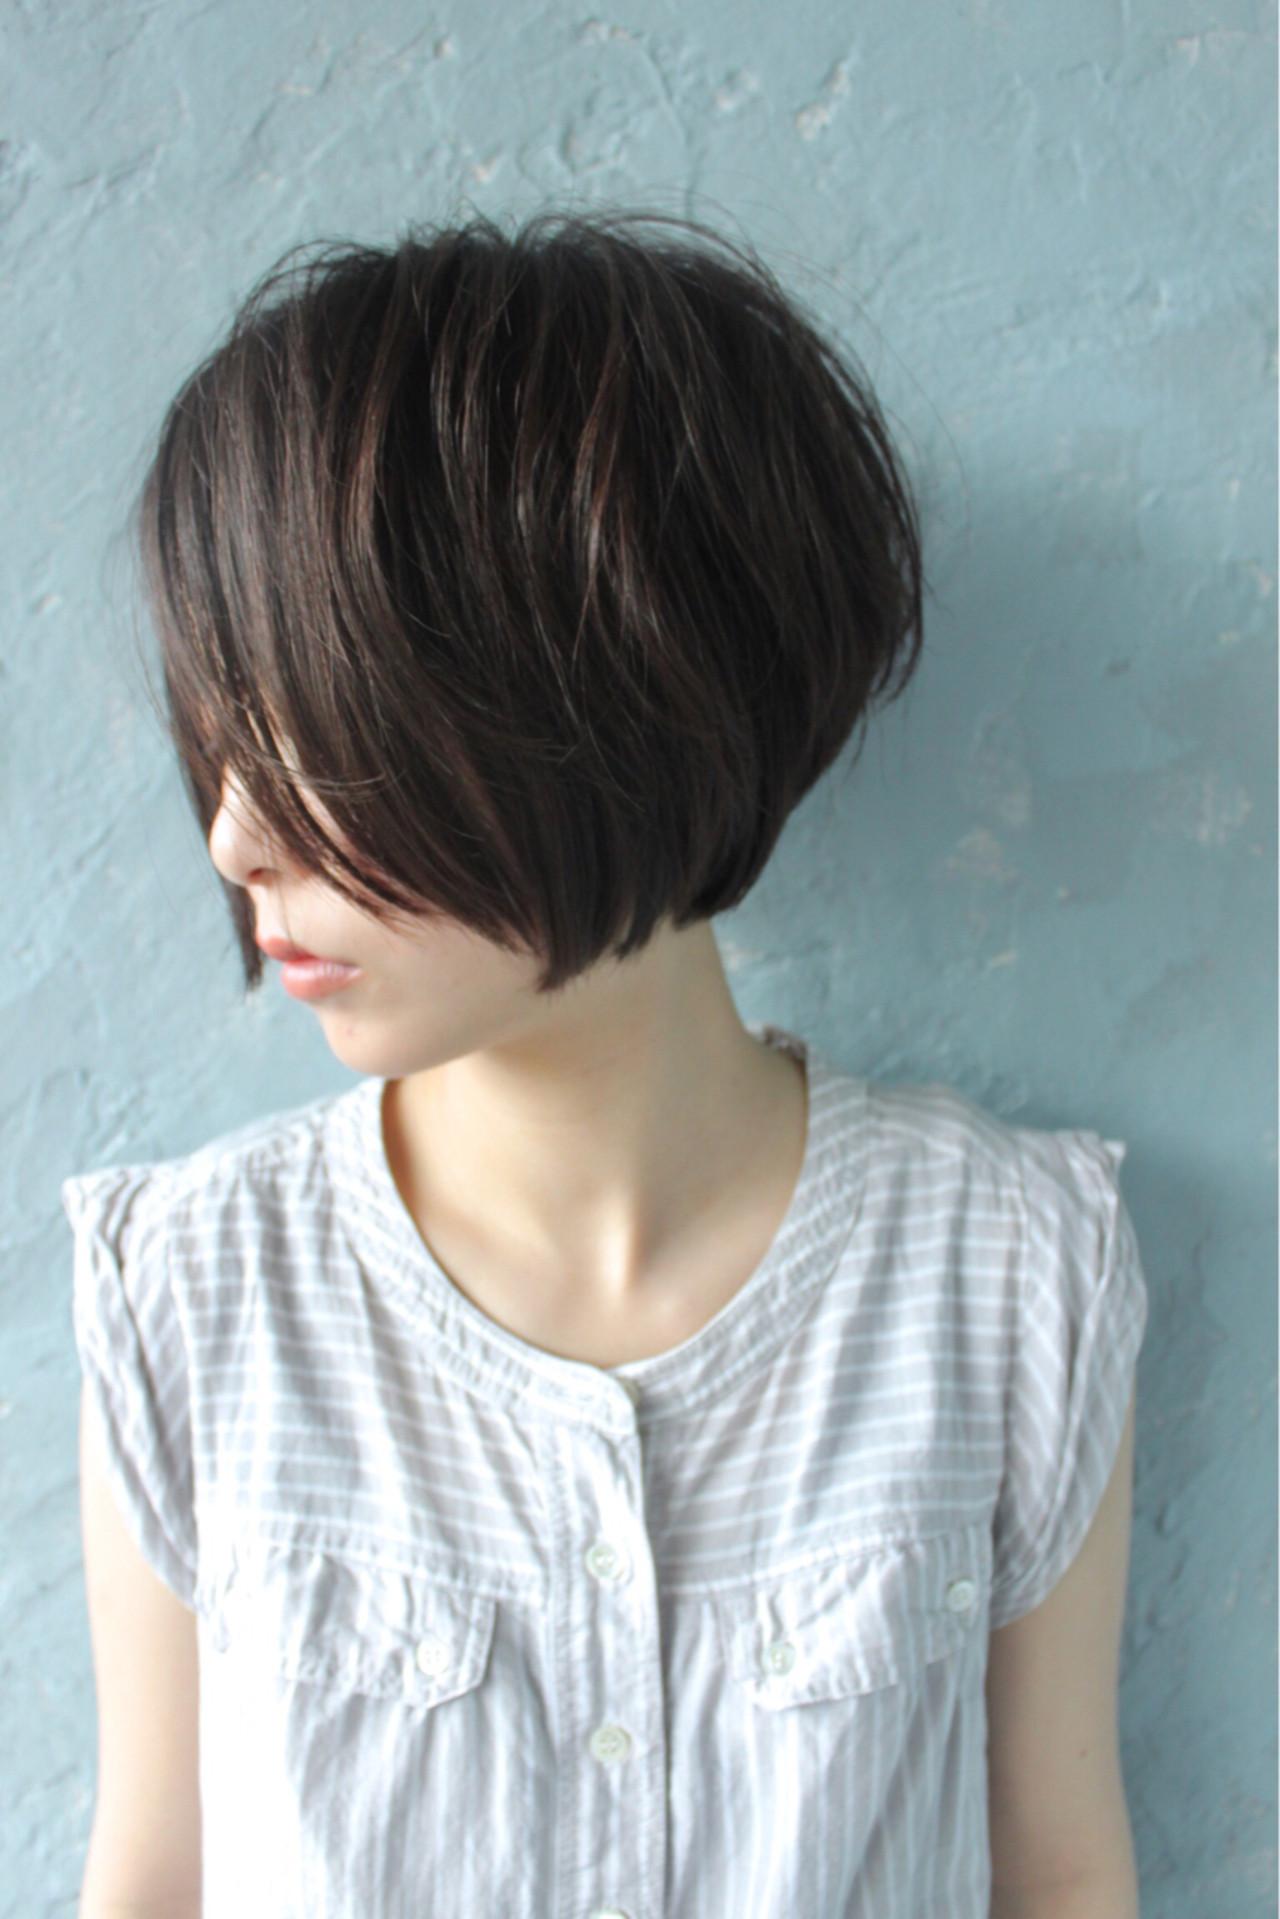 小顔 ショートボブ 似合わせ ボブ ヘアスタイルや髪型の写真・画像 | Salt×okabe / Salt